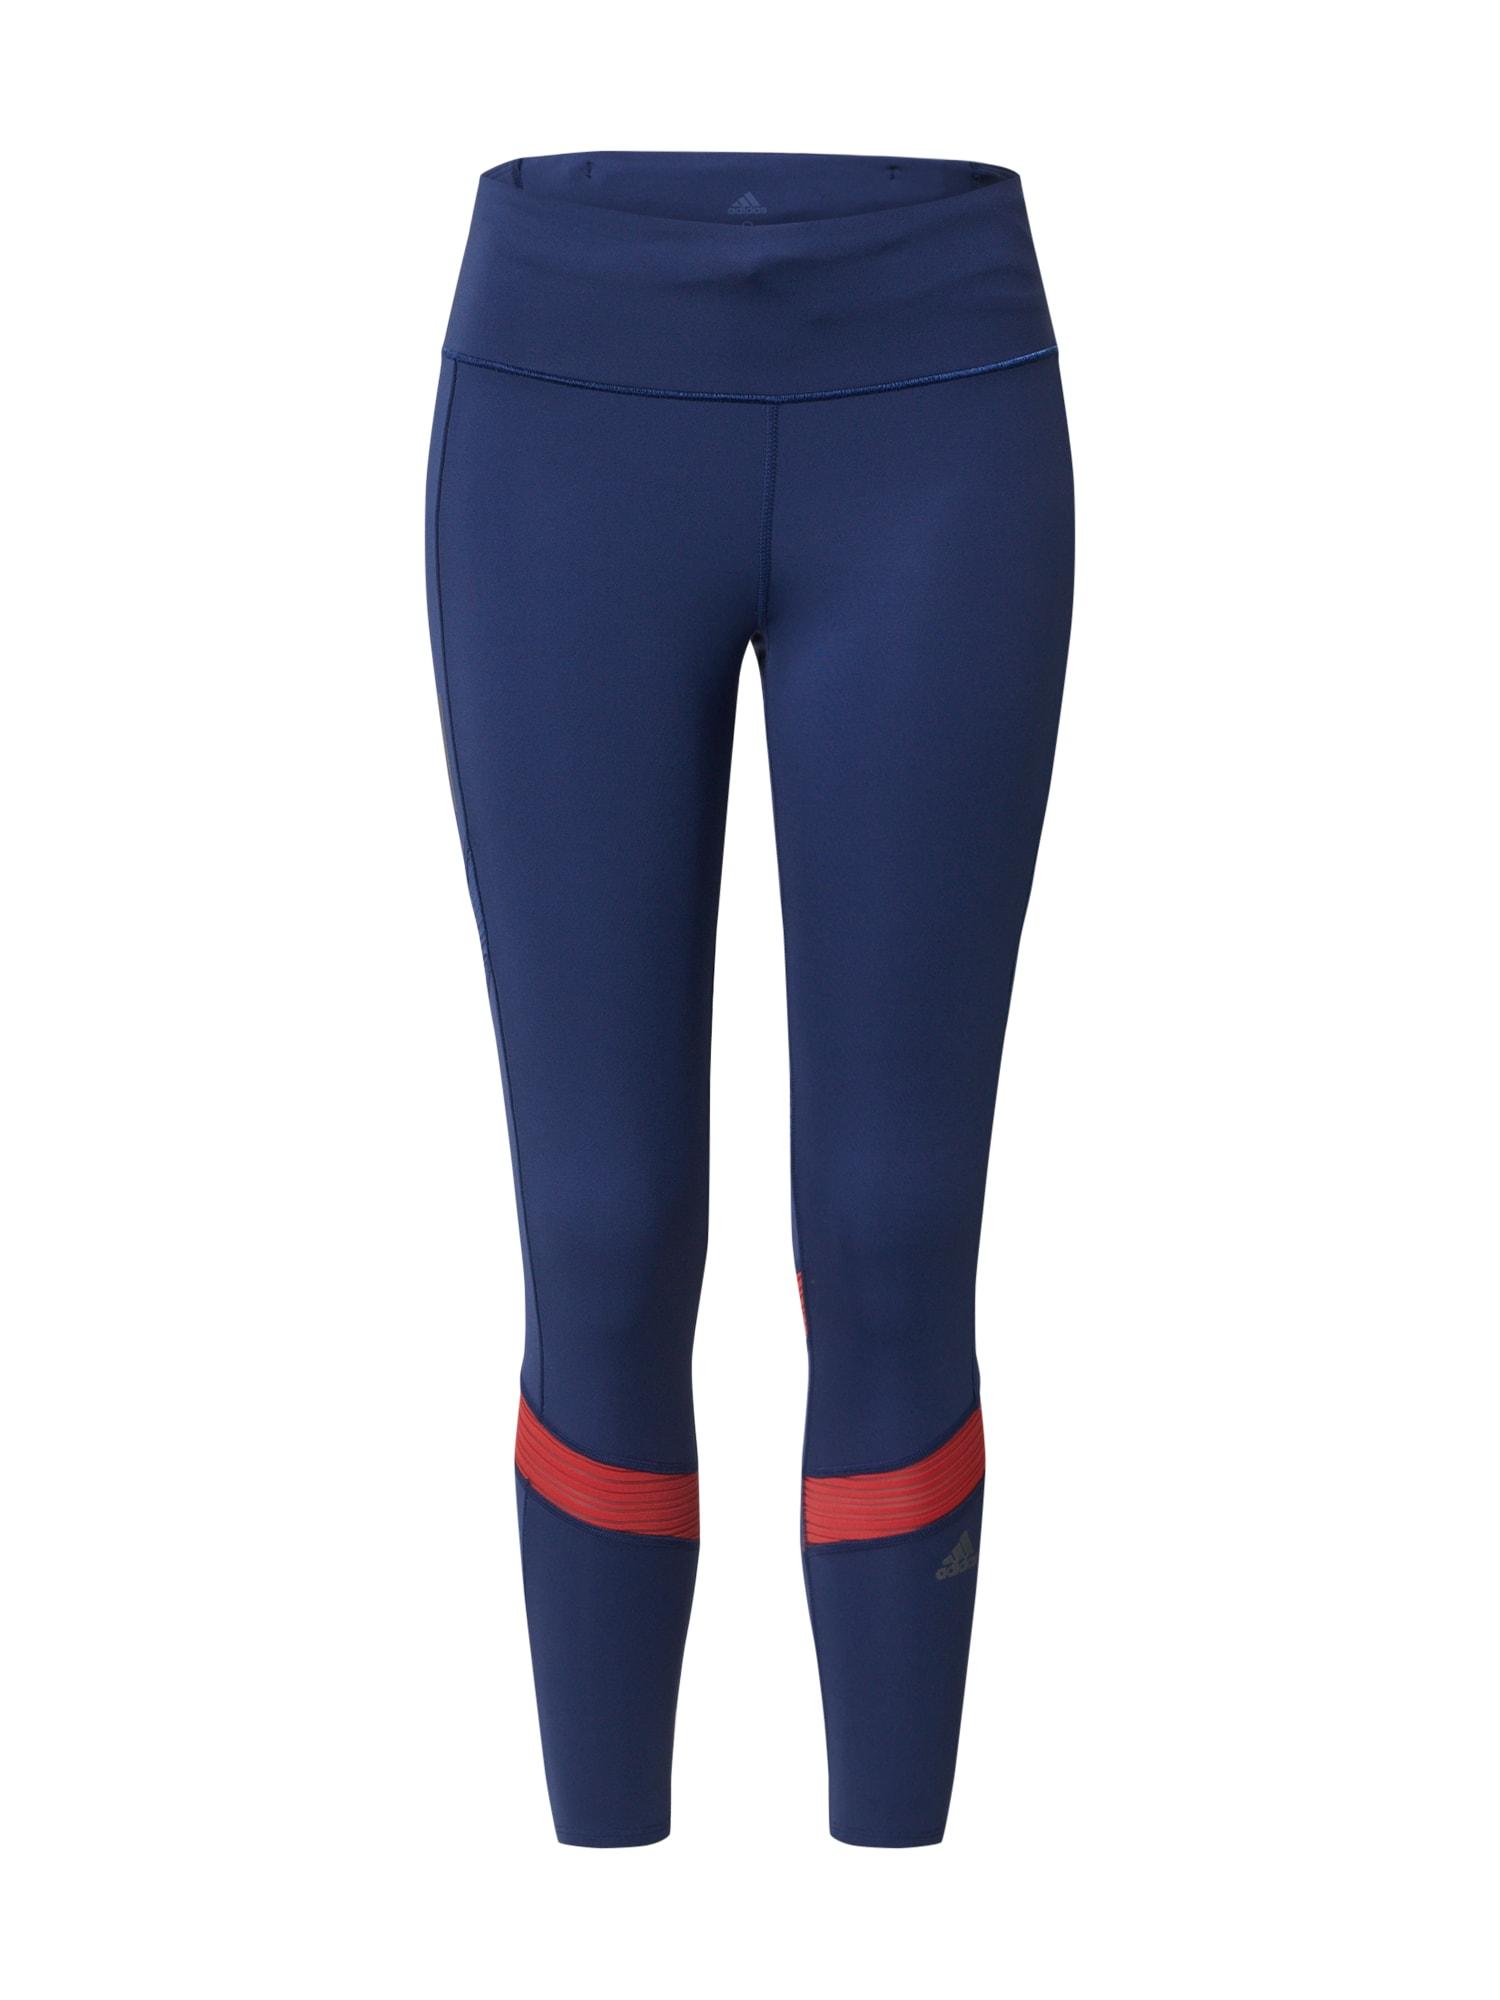 ADIDAS PERFORMANCE Sportinės kelnės mėlyna